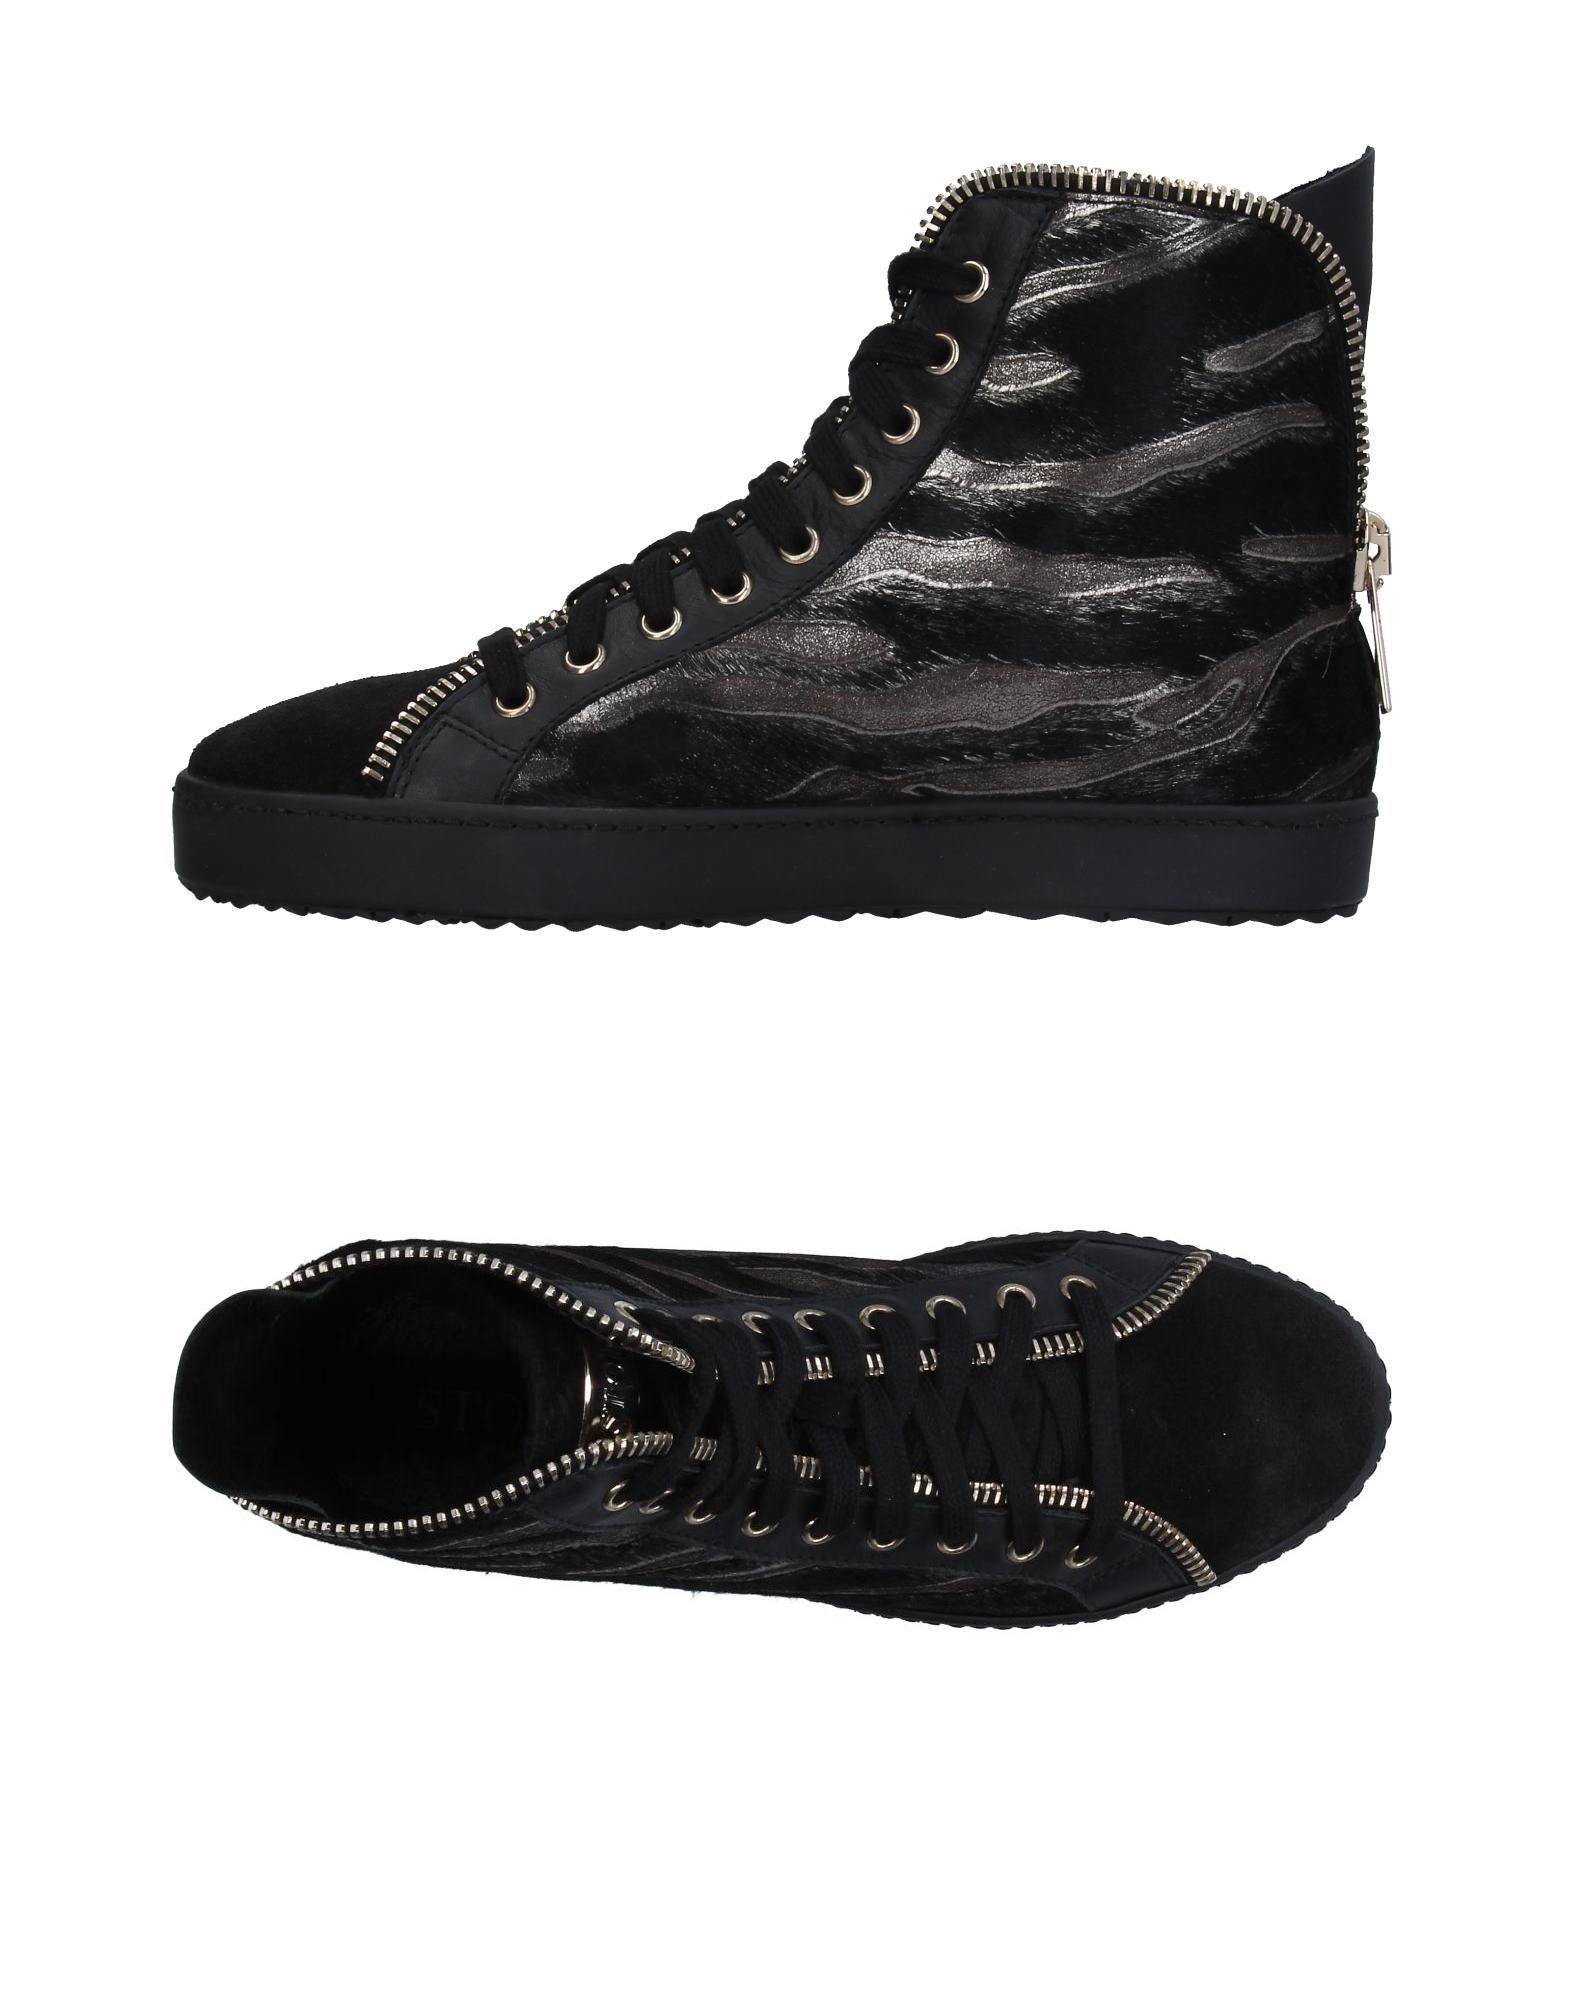 Stokton Sneakers Damen  11274814WB 11274814WB 11274814WB Gute Qualität beliebte Schuhe 66095b